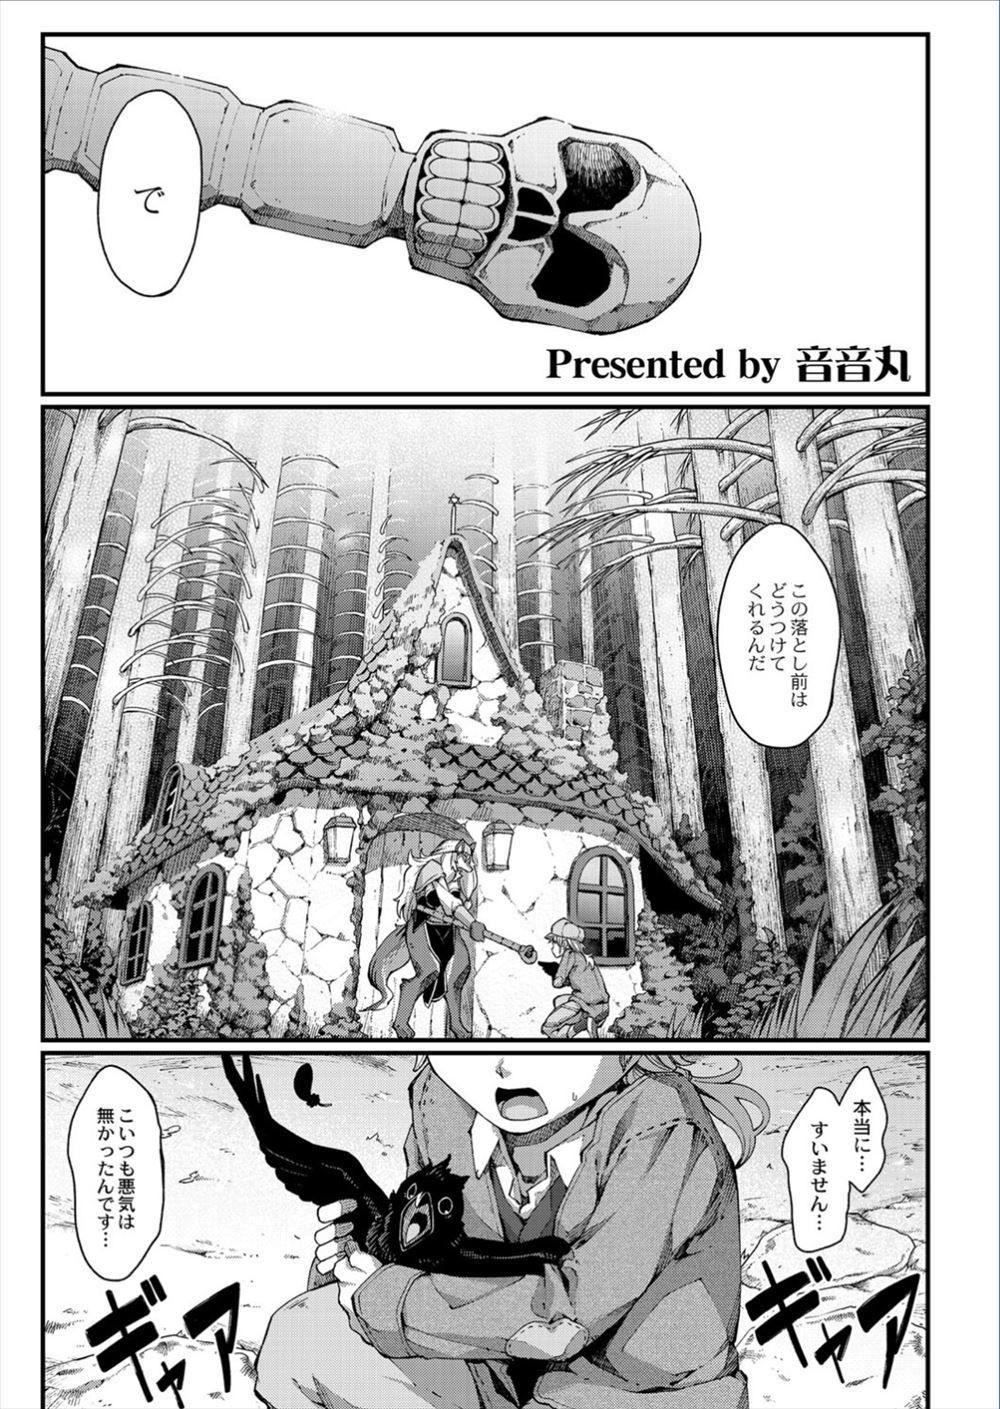 【エロ漫画同人誌】少年シドと獣女魔法使いのベルティアーノの甘く切ないストーリー。 001